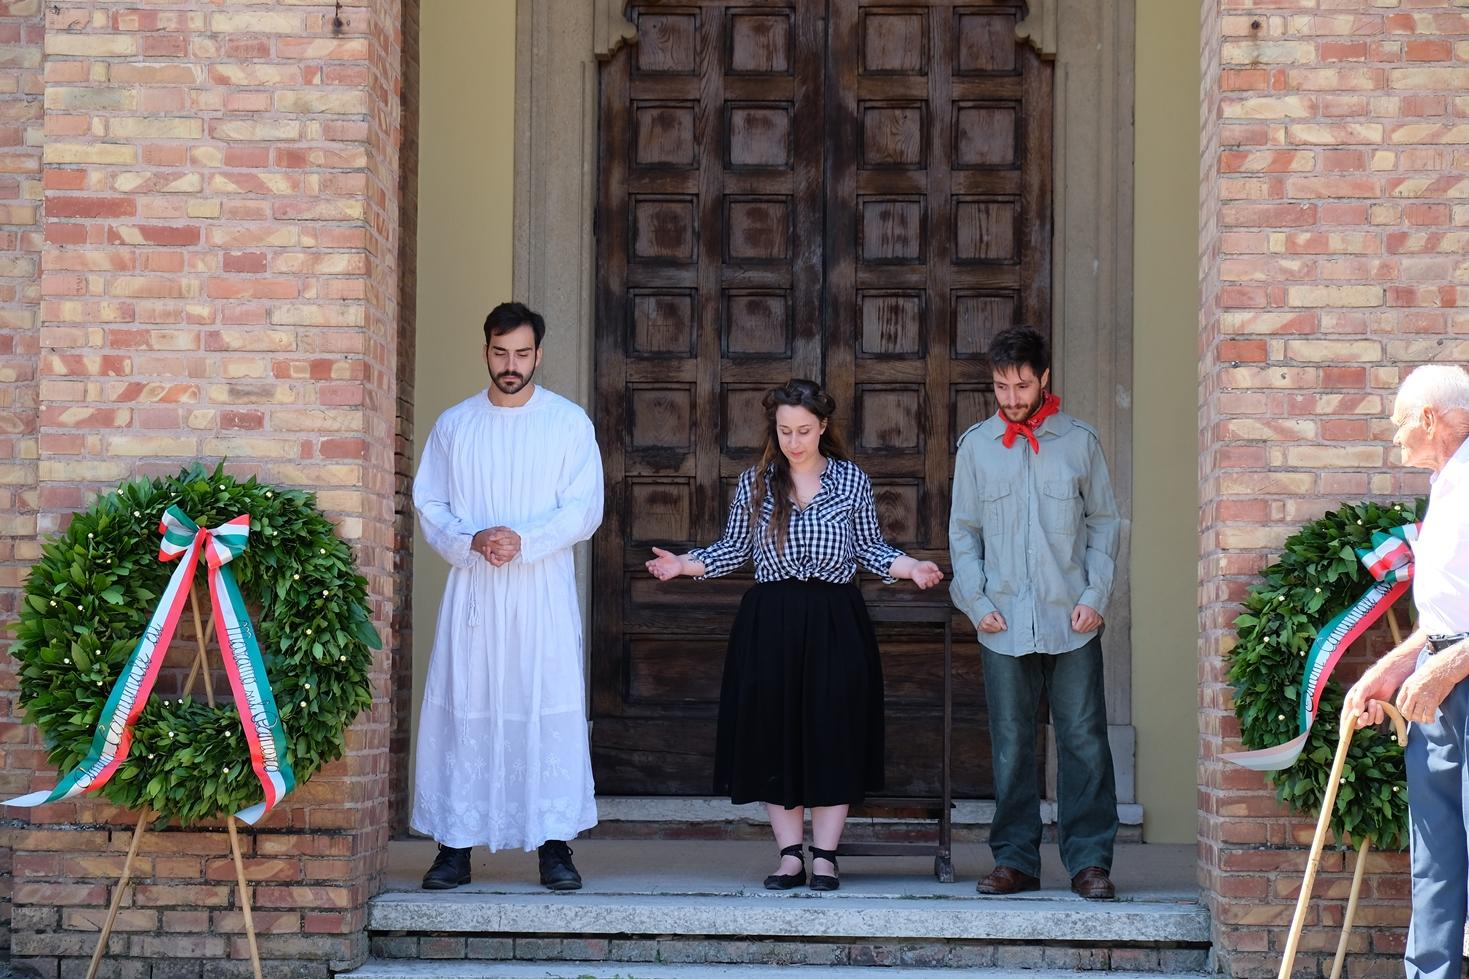 Gli attori Lorenzo Costantini, Eleonora Innocenti Sedili e Riccardo Serafini al termine dello spettacolo teatrale sulla strage di Ospitaletto (agosto 2016). Foto di Fausto Corsini